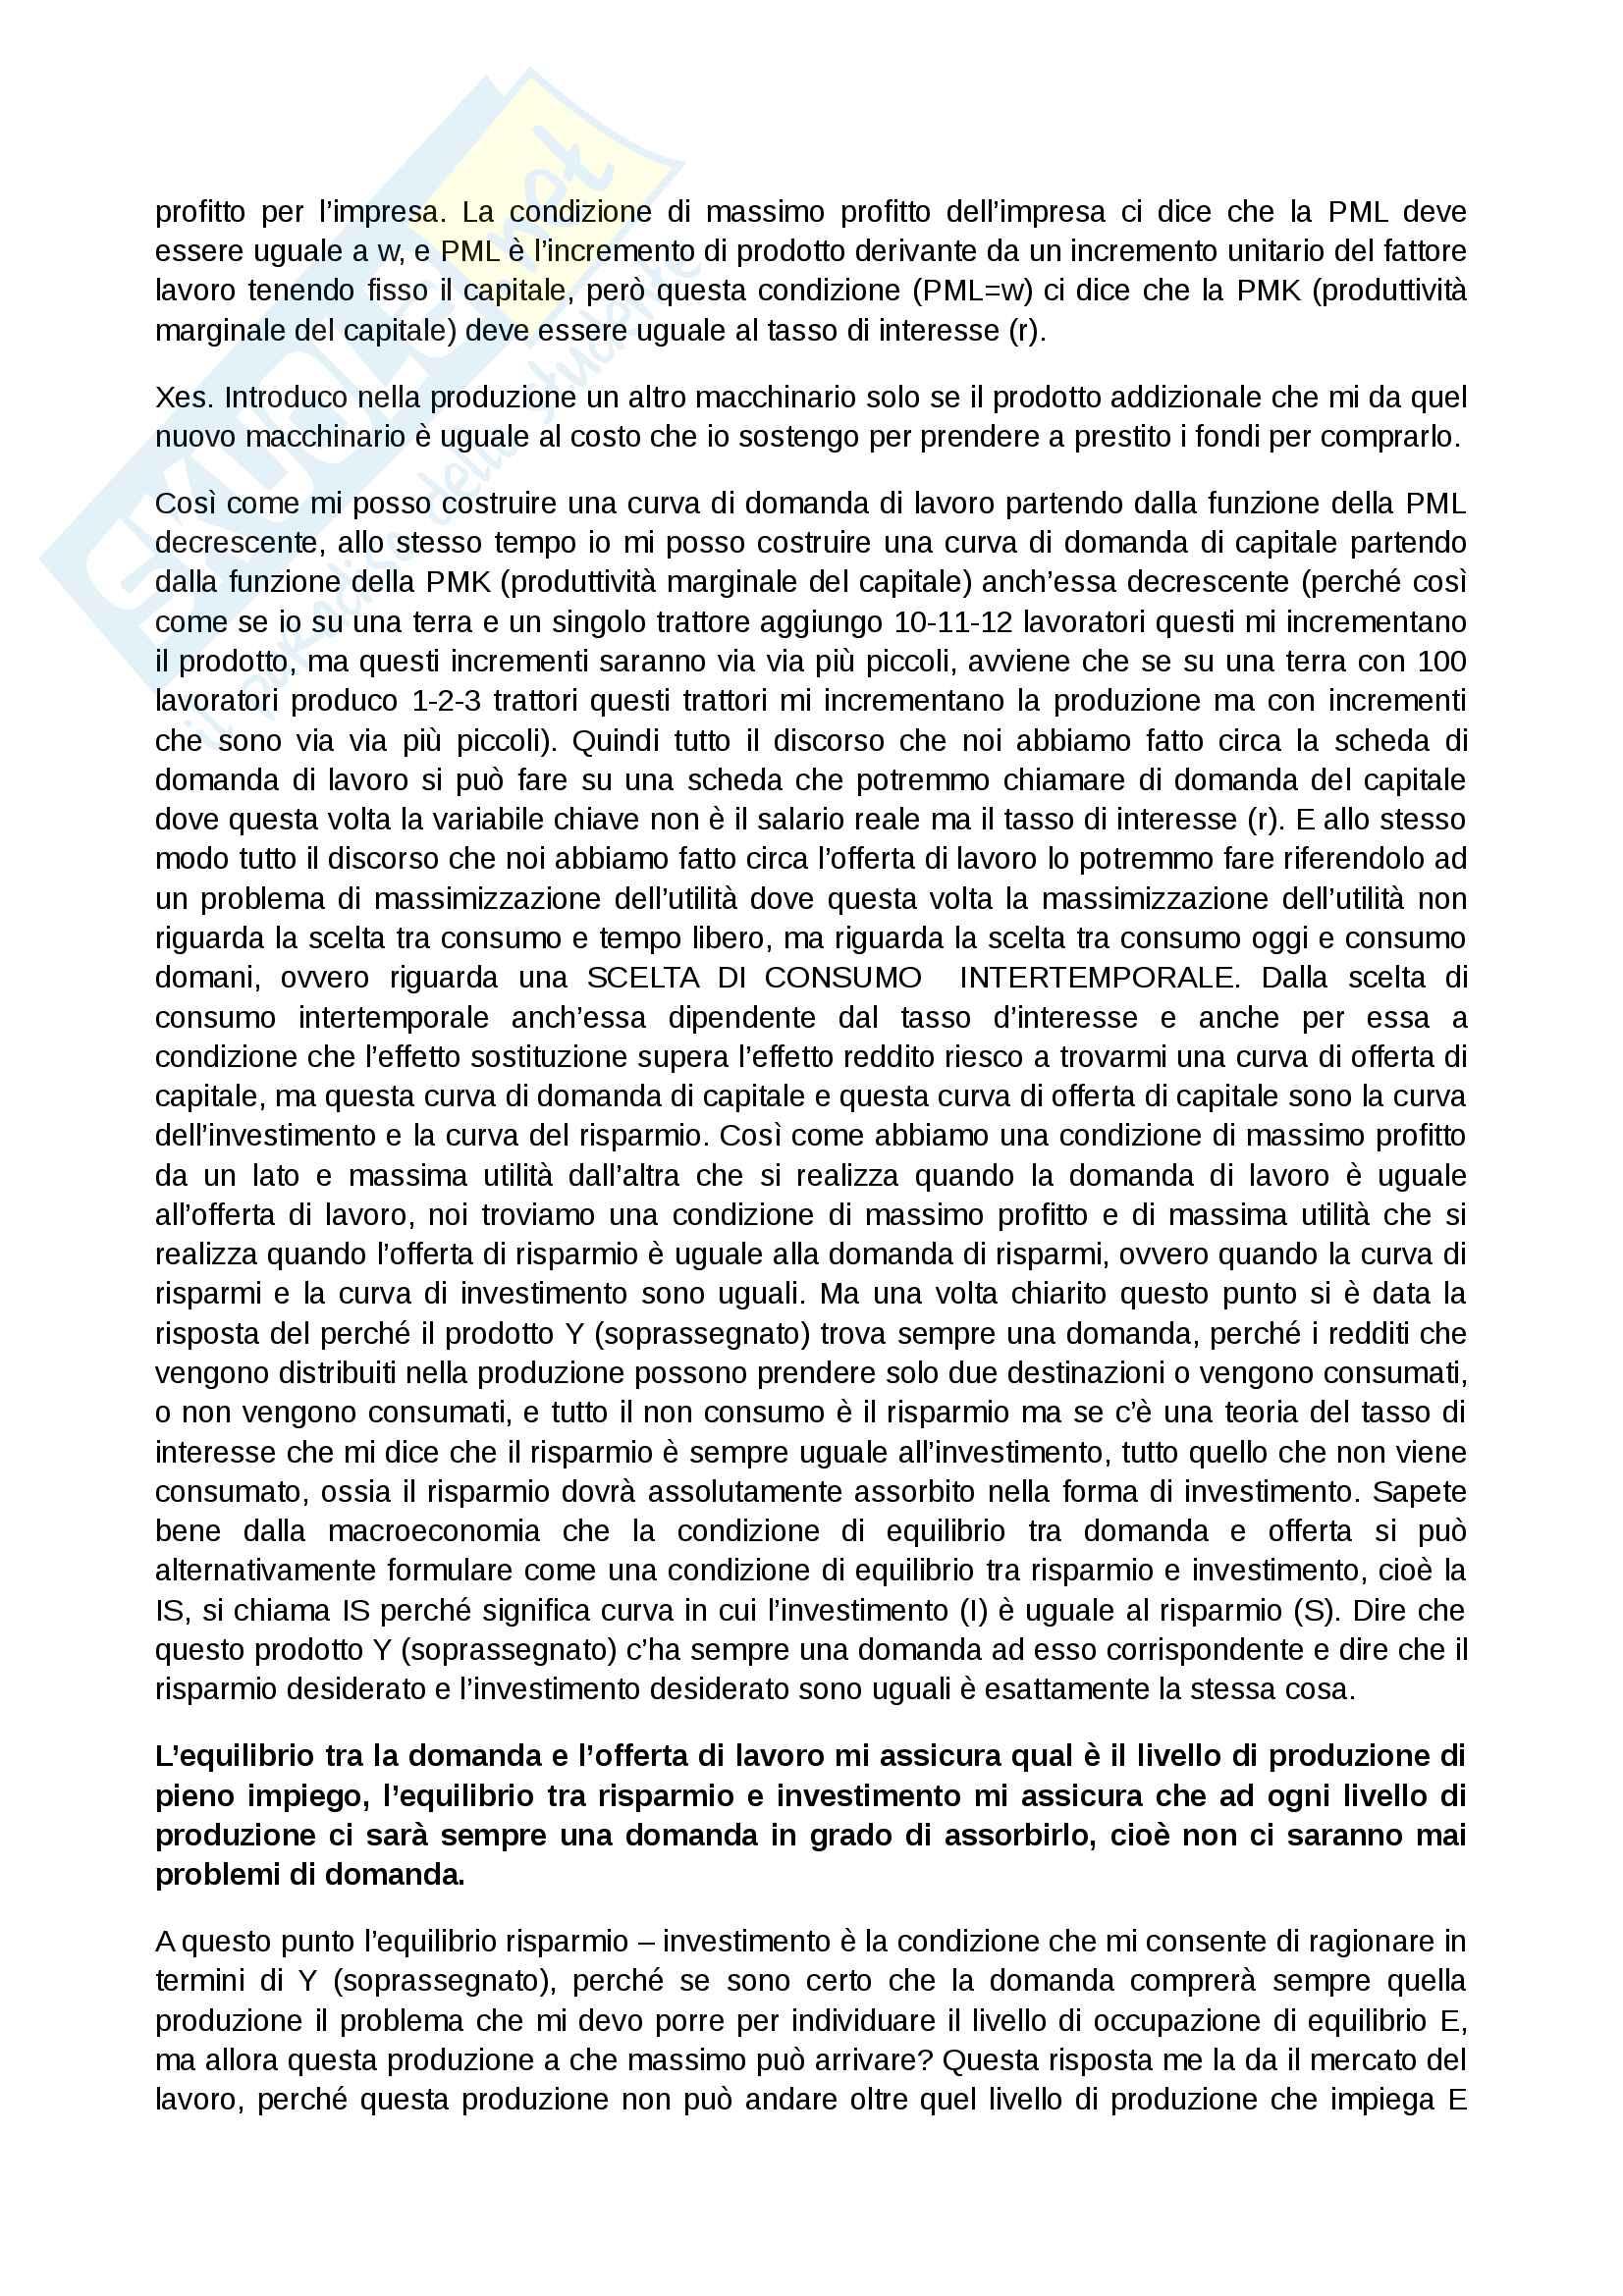 Politica economica, lezione 1 Pag. 11